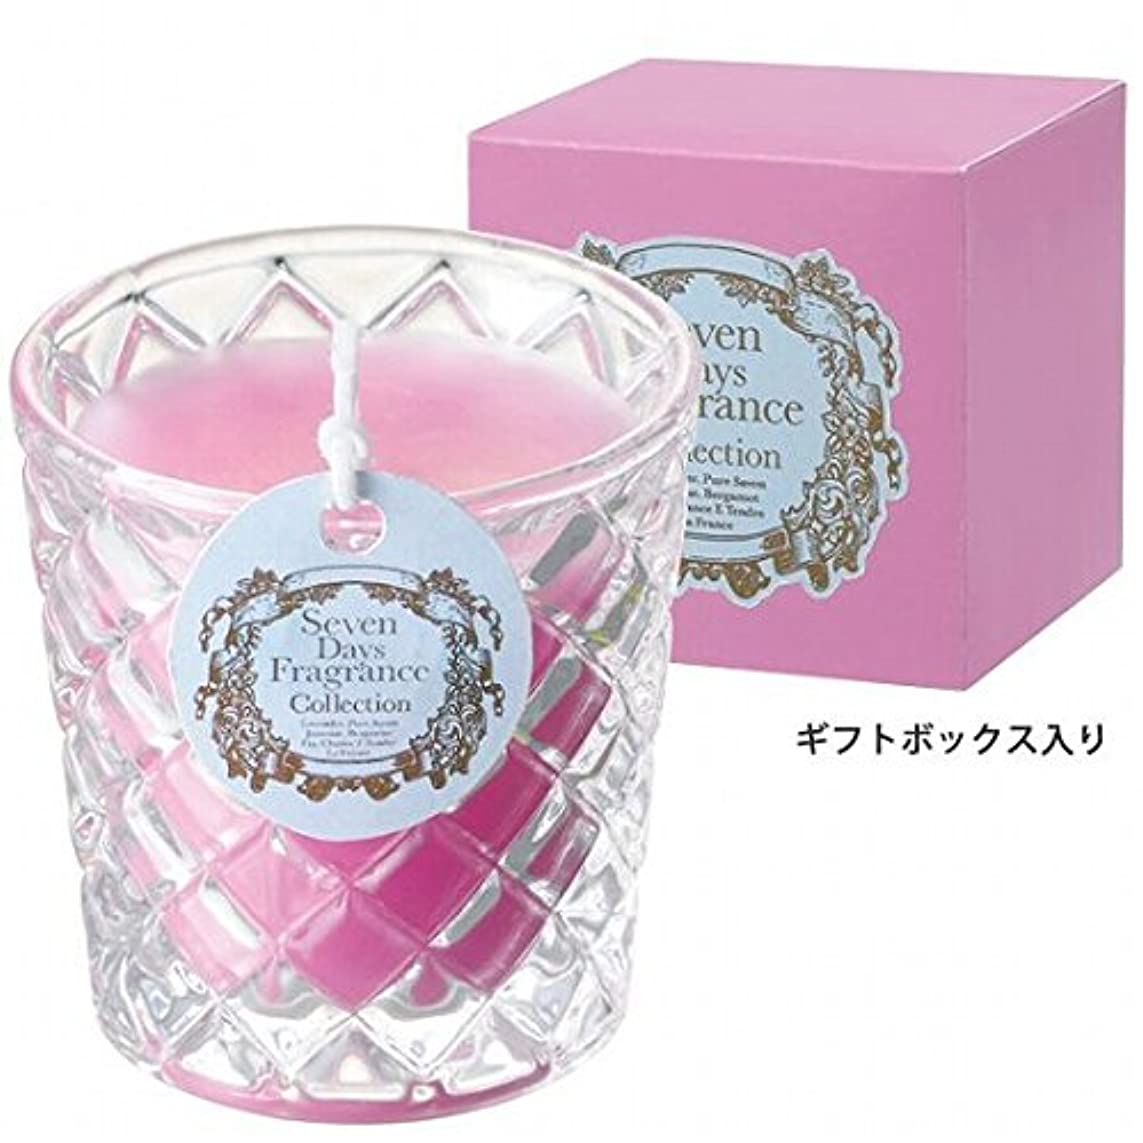 連結する暴力かび臭いカメヤマキャンドル(kameyama candle) セブンデイズグラスキャンドル(金曜日) 「 フローラルブーケ 」